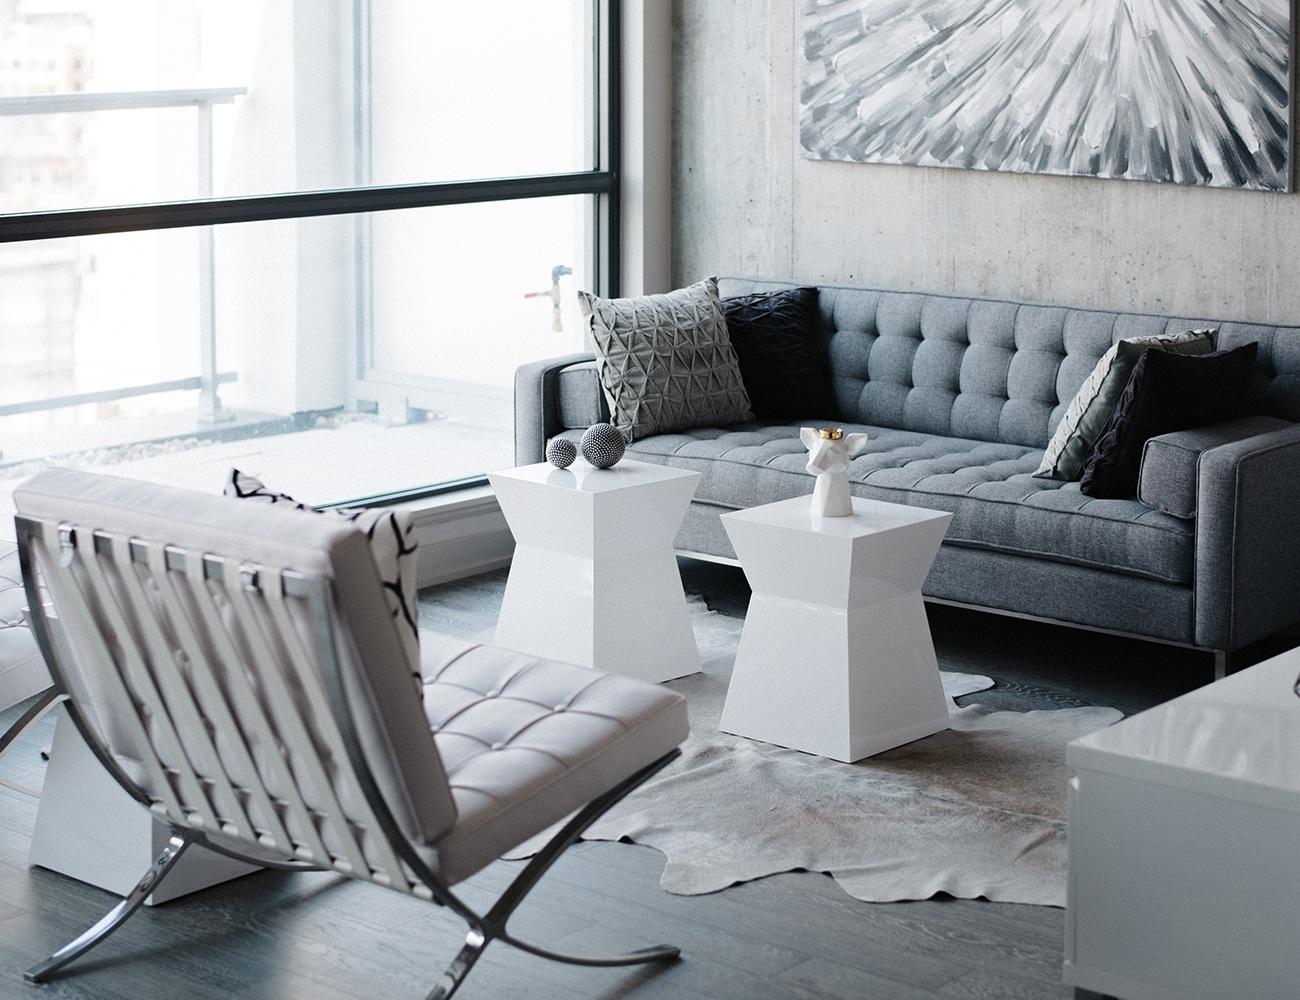 SANGO – Lifestyle and Home Decor Essential